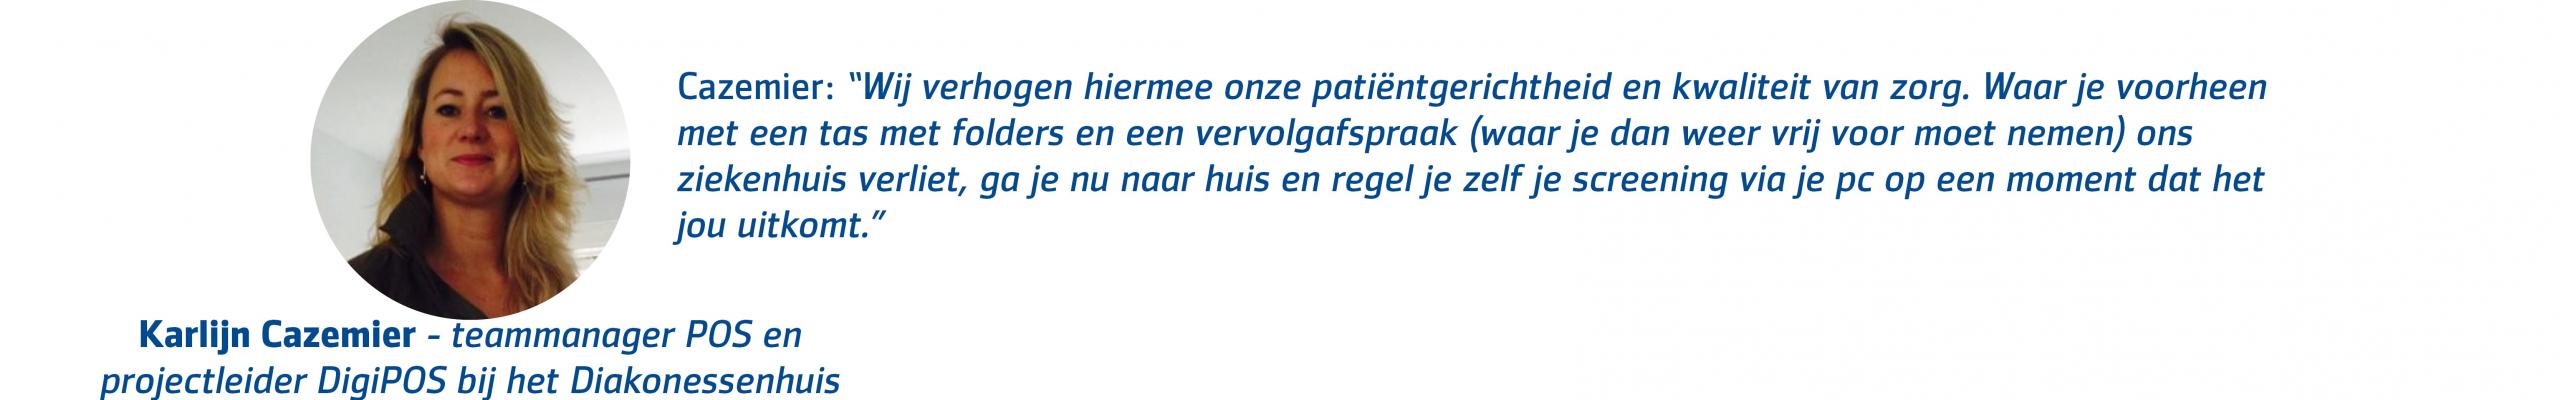 Karlijn Cazemier - Diakonessenhuis quote